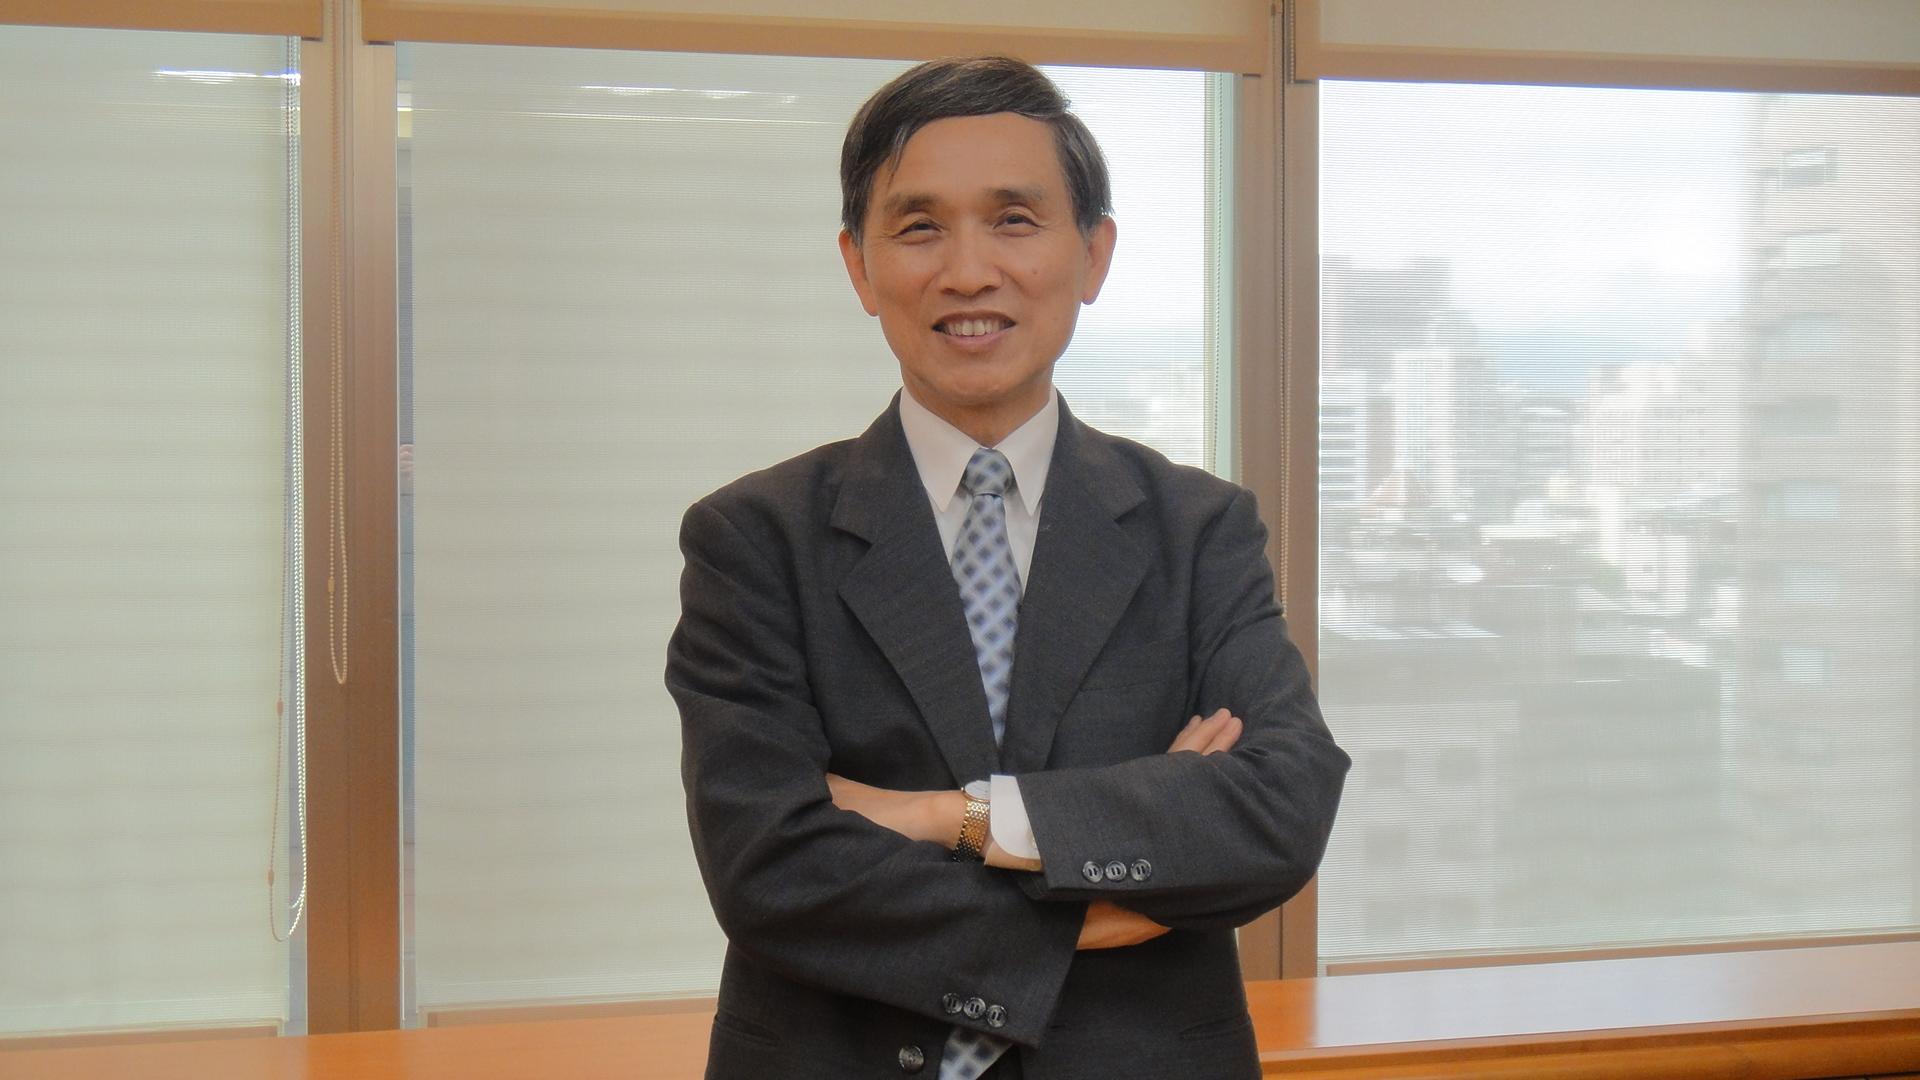 堅強的師資陣容 造福中原學子 經濟部前部長施顏祥先生加入中原大家庭